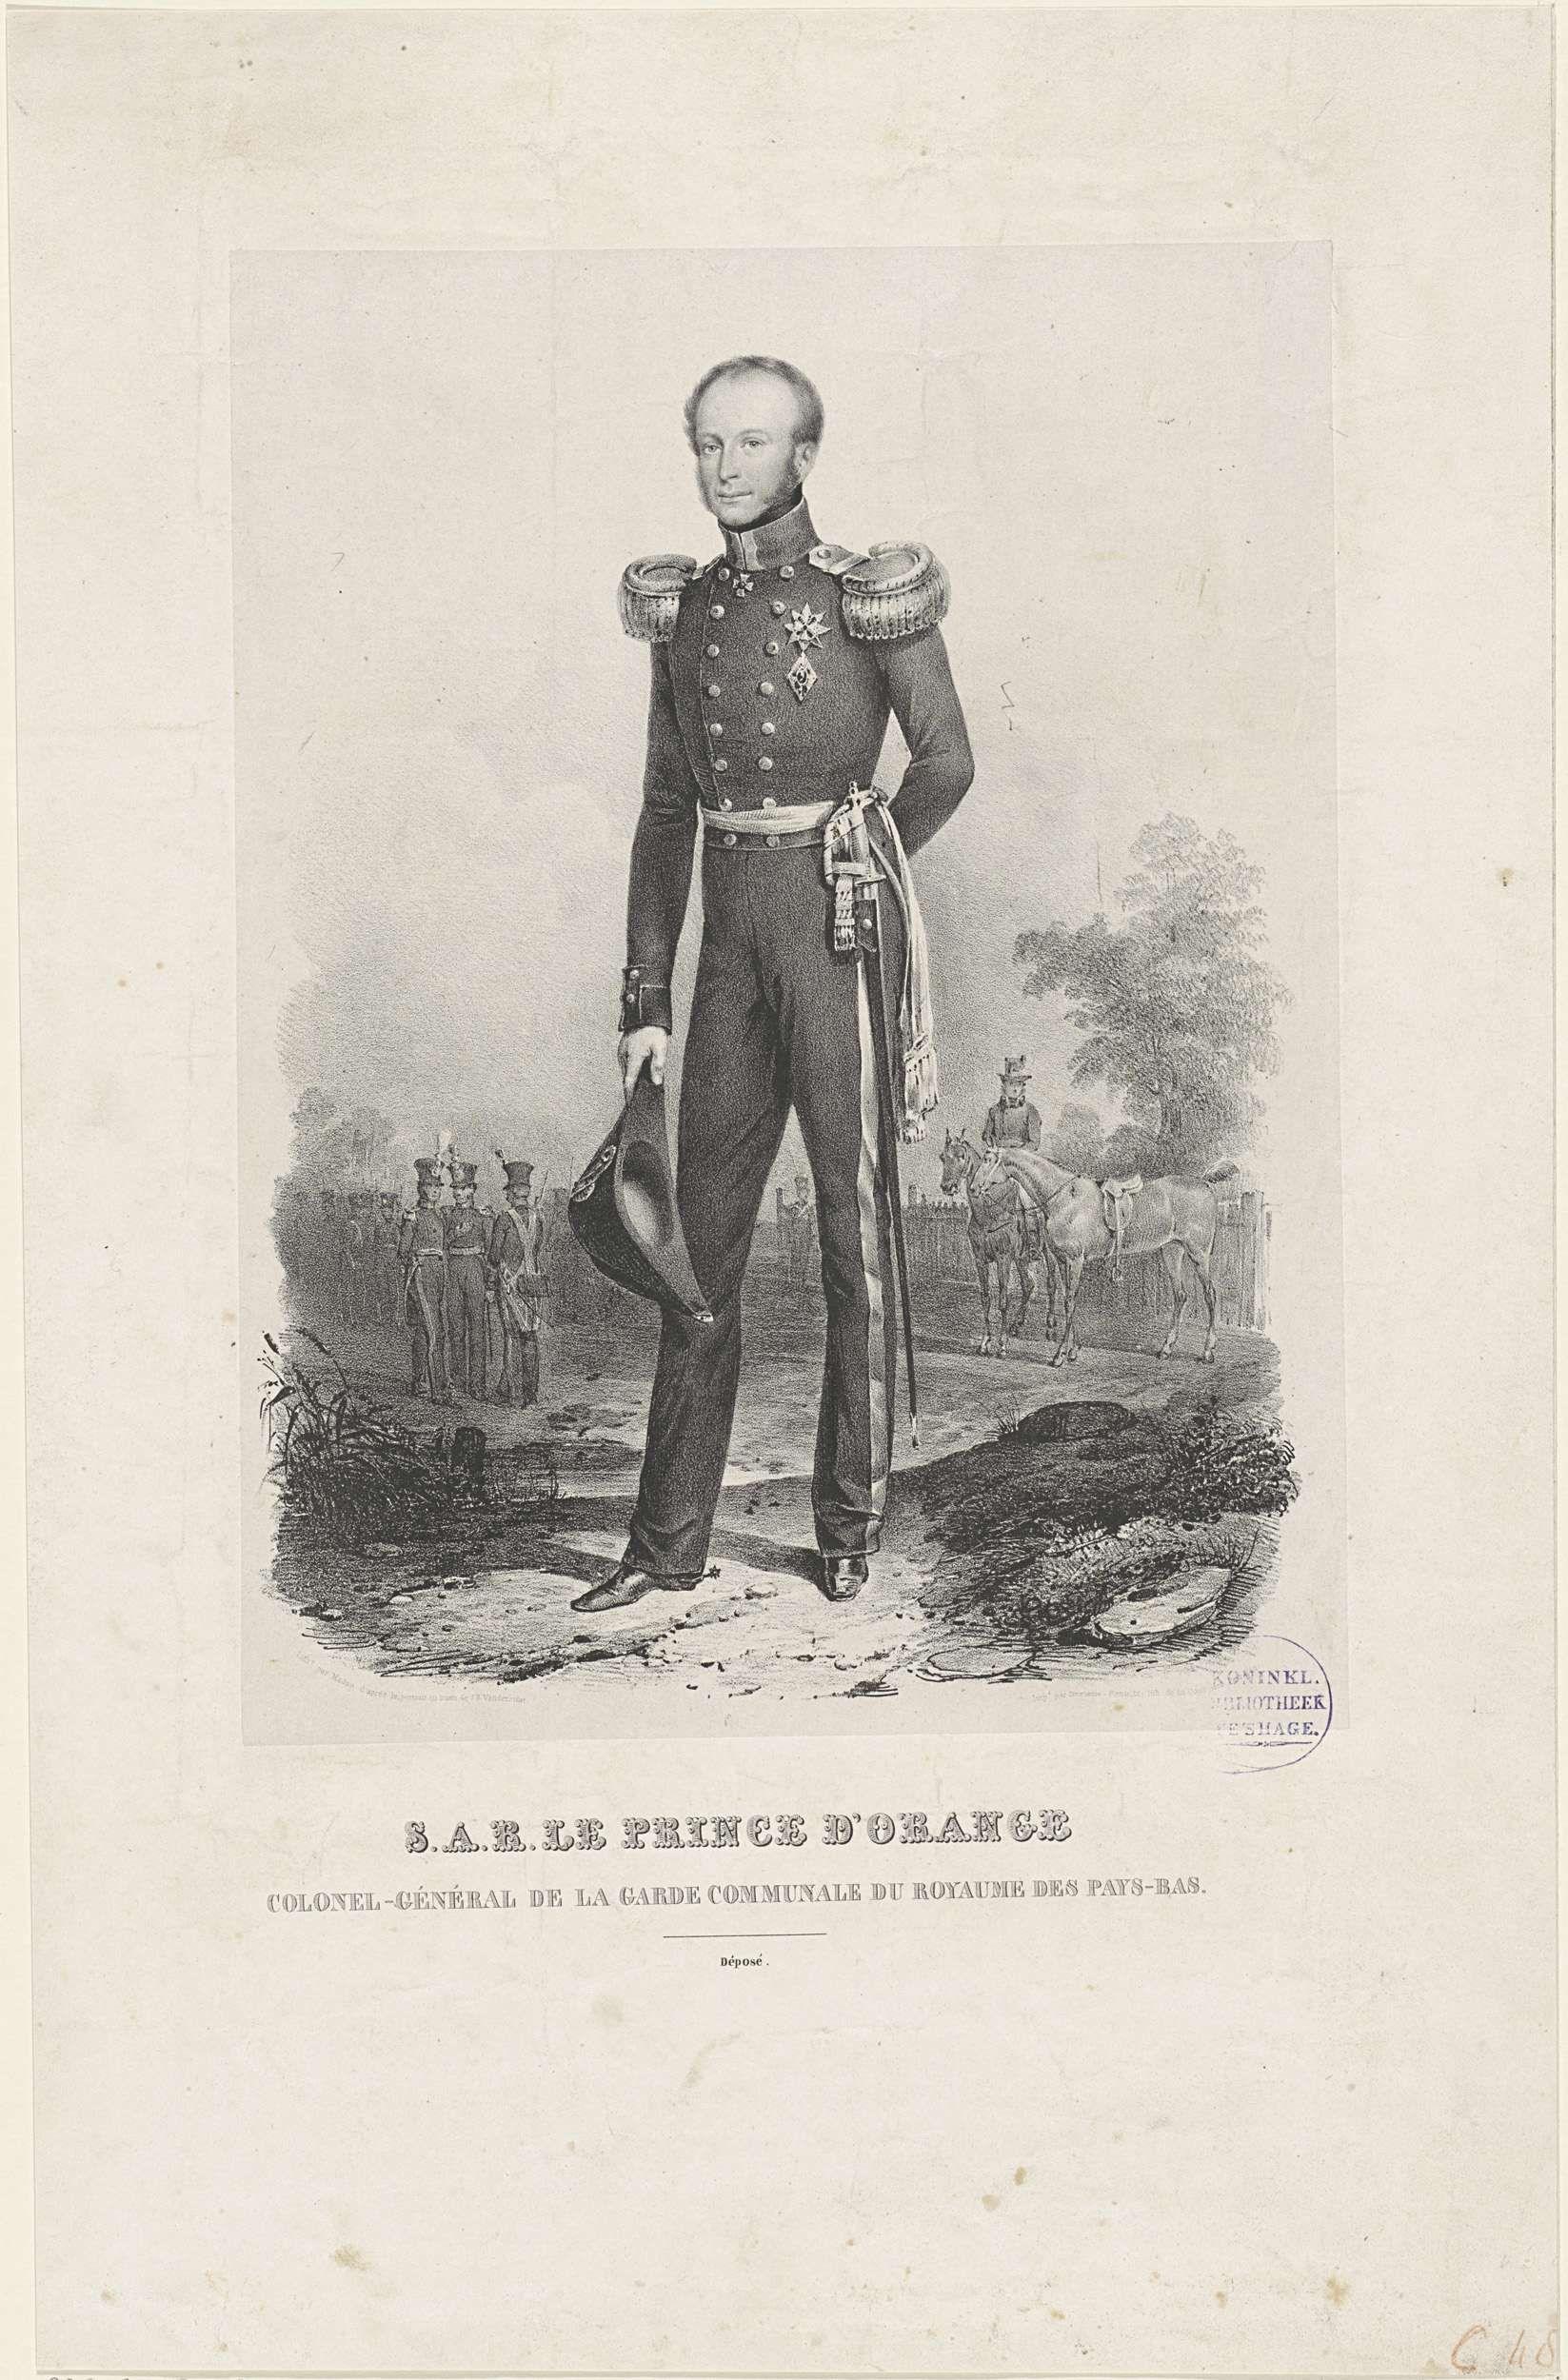 Jean Baptiste Madou | Portret van Willem II, koning der Nederlanden, Jean Baptiste Madou, Dewasme-Plétinckx, 1812 - 1851 | Portret van Willem II. In zijn rechterhand zijn hoed. Op de achtergrond soldaten. In de ondermarge zijn titels.